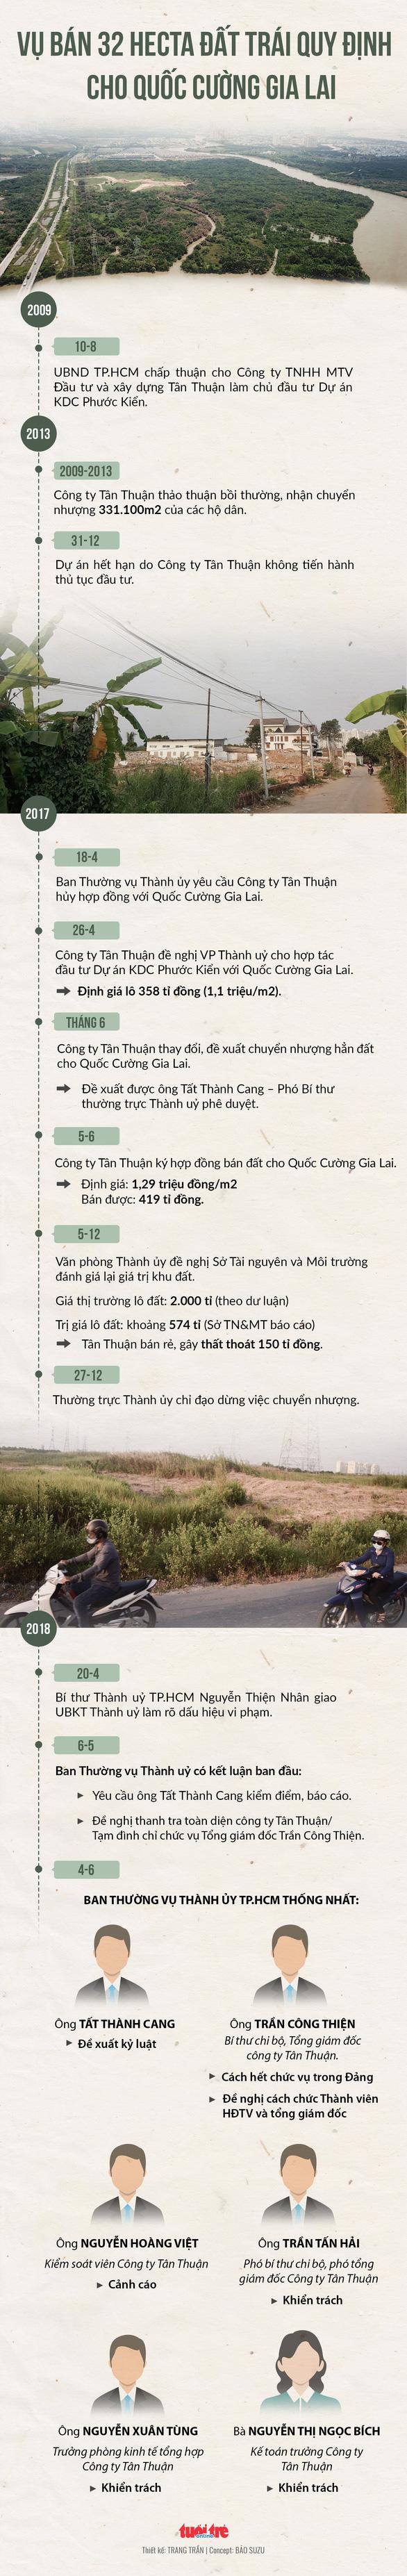 Khởi tố ông Tất Thành Cang và 3 bị can vụ sai phạm 32ha đất ở Phước Kiển - Ảnh 2.